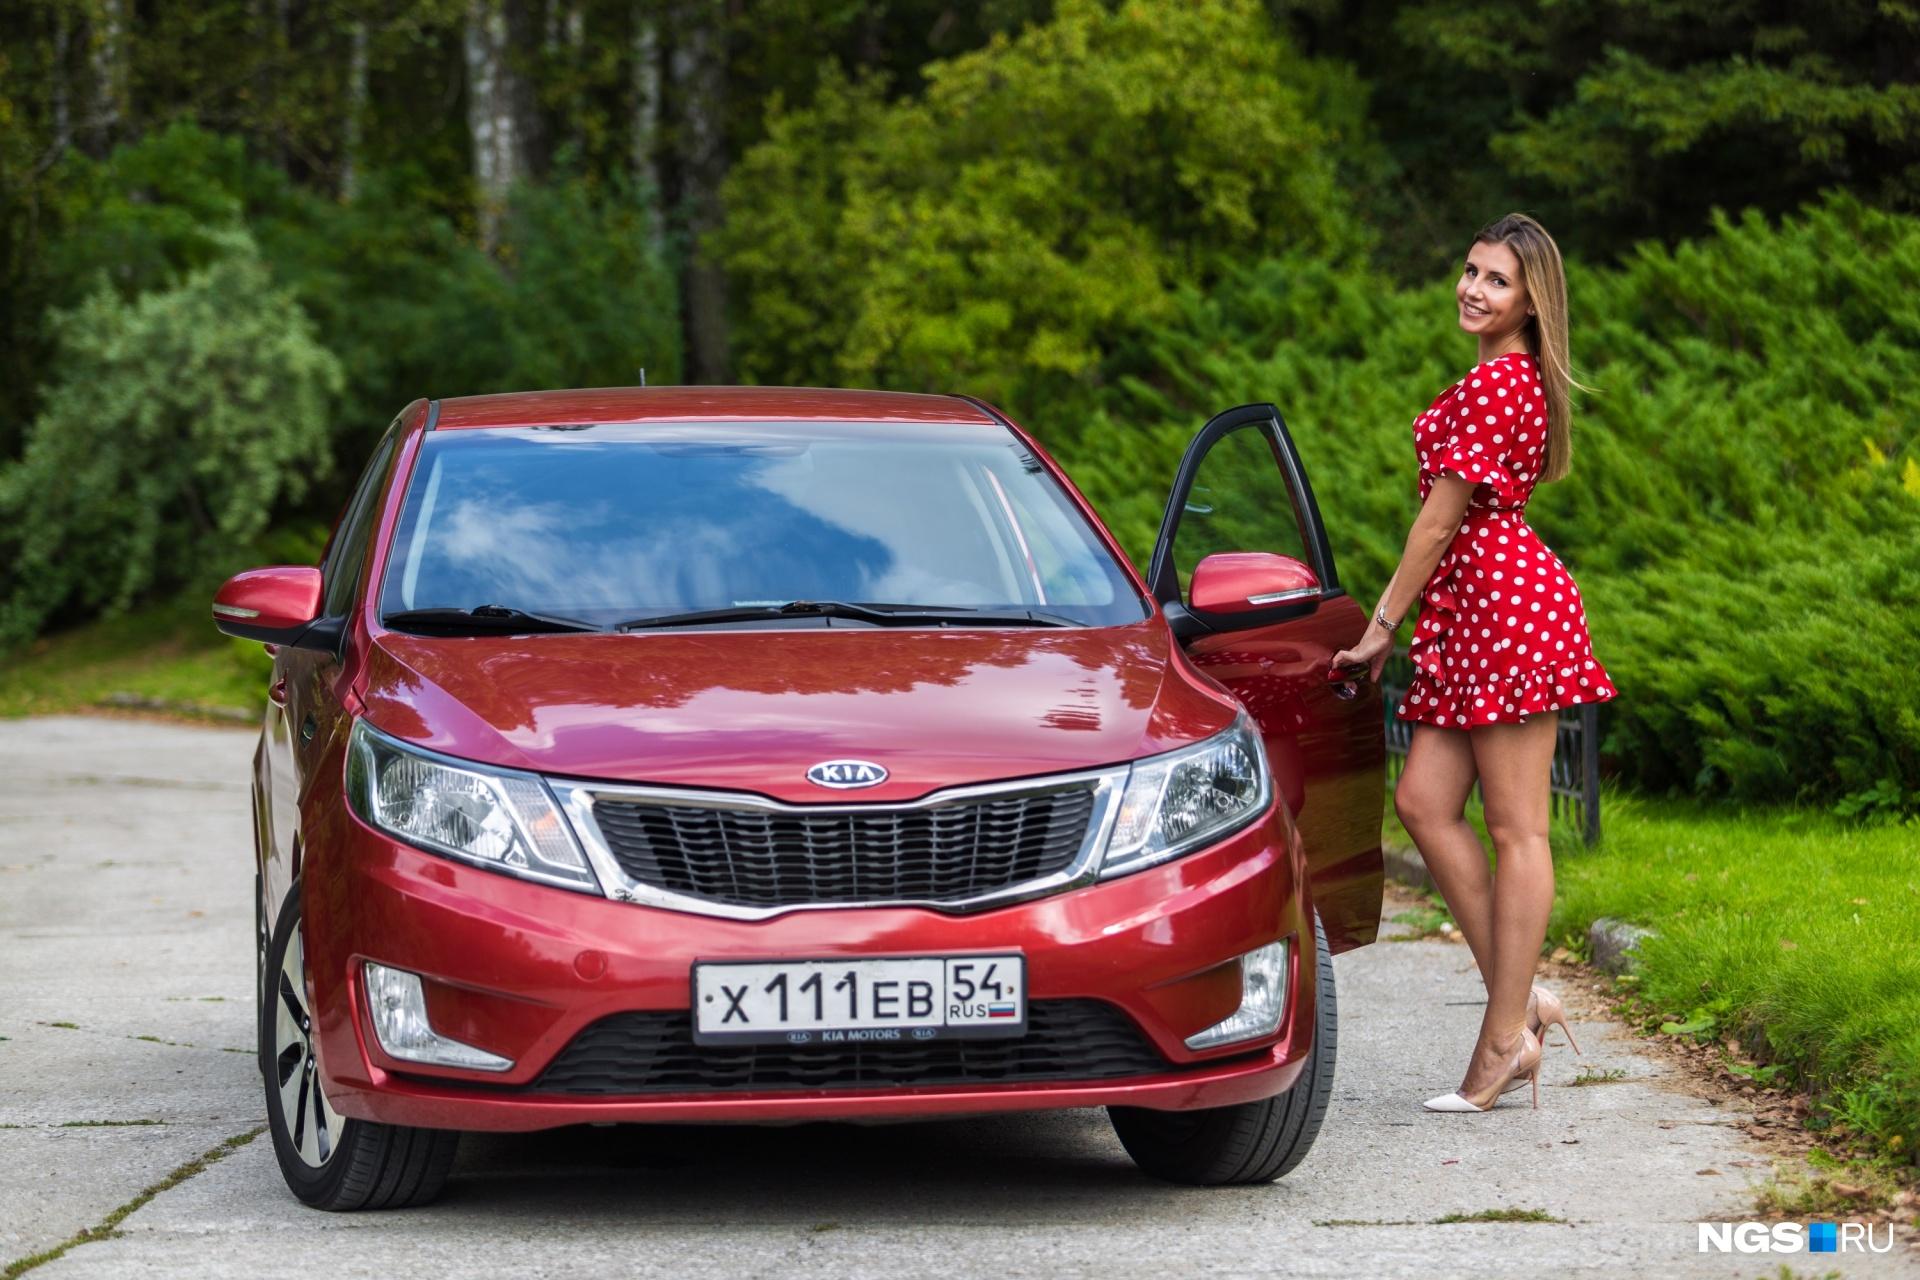 Красная KIA — первая машина Евгении